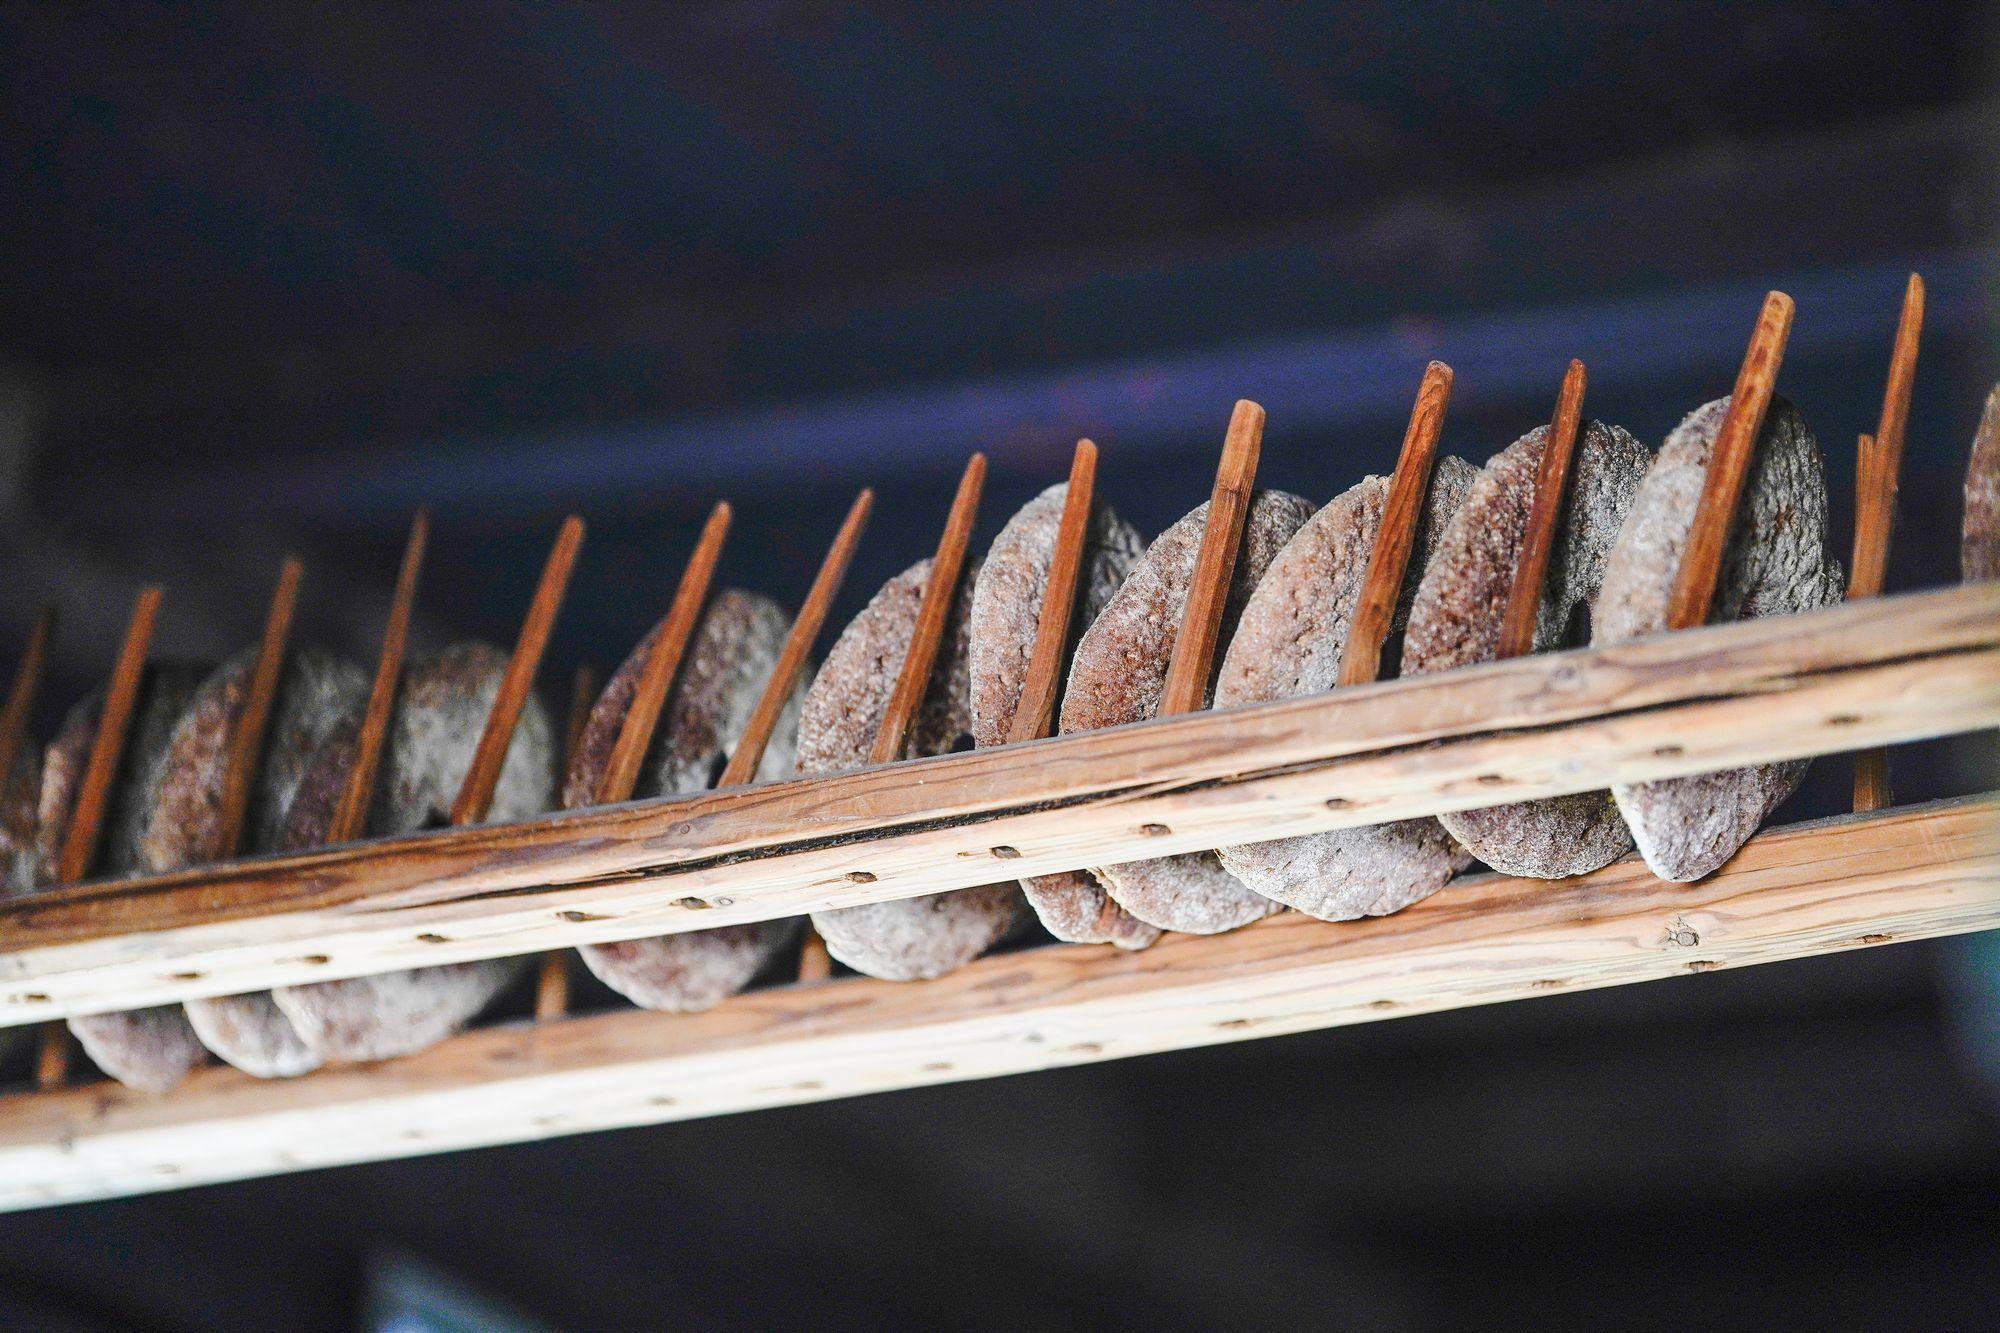 Leipäteline menneiltä ajoilta koristaa tupakeittiön katonrajaa. © Timo Aalto